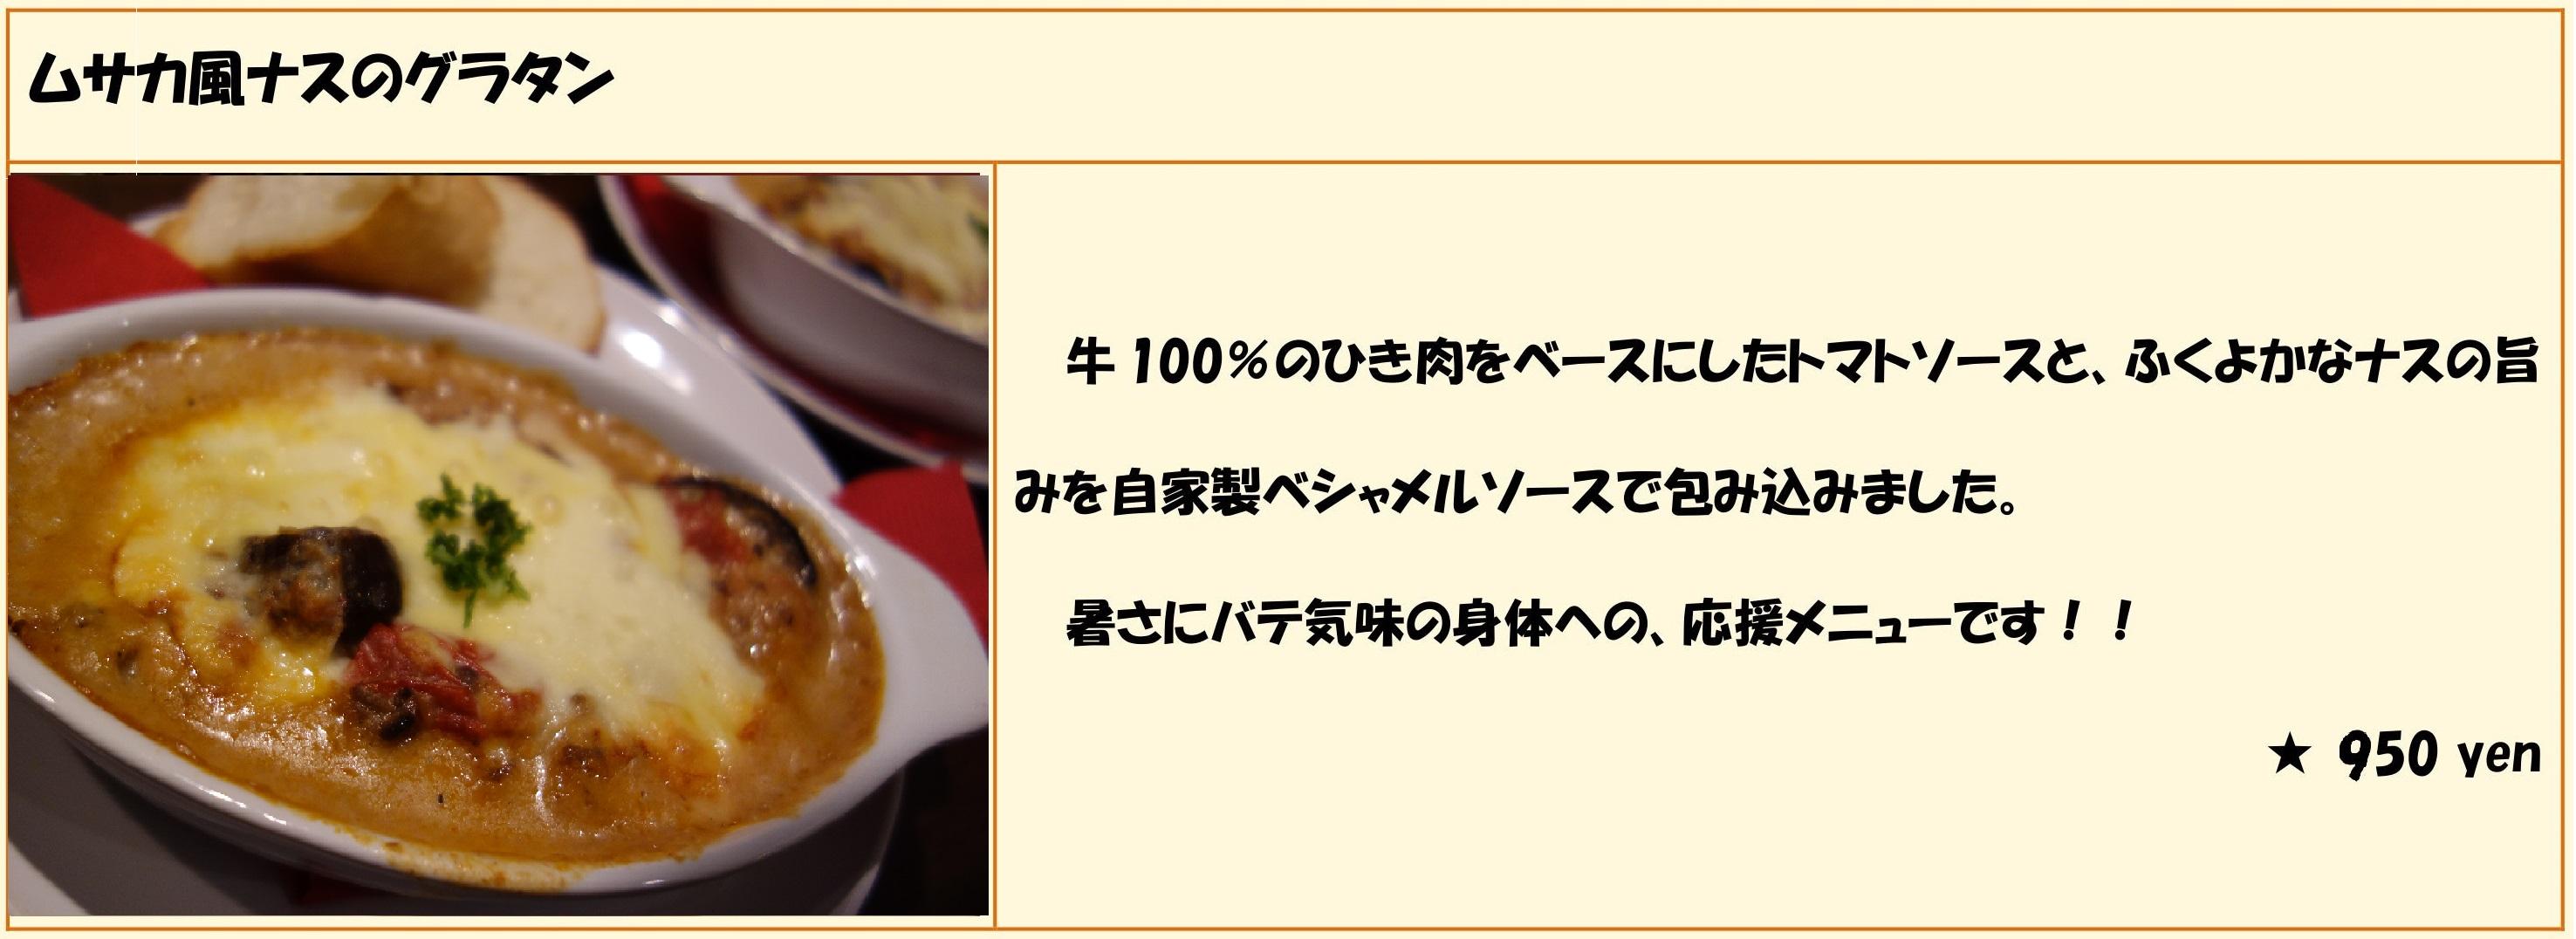 ムサカ風ナスのグラタン950円 掲載用